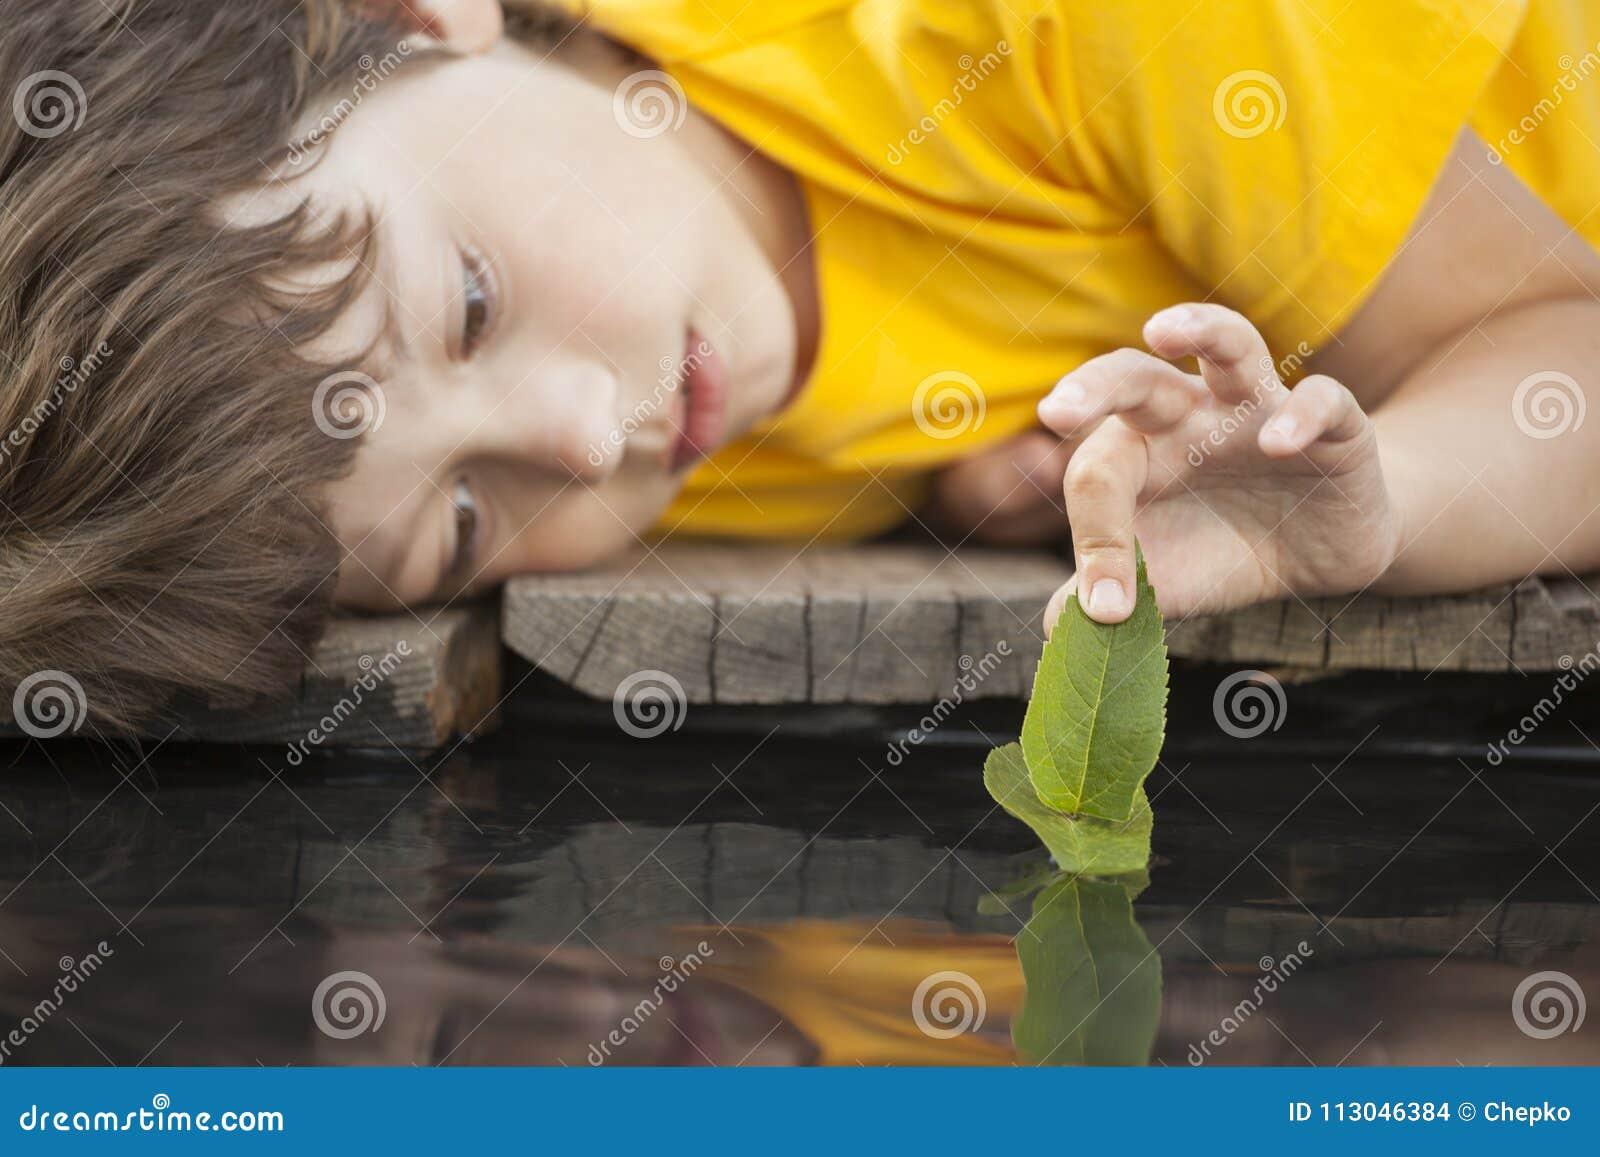 绿色叶子船对于儿童手在水,男孩中公园戏剧的与